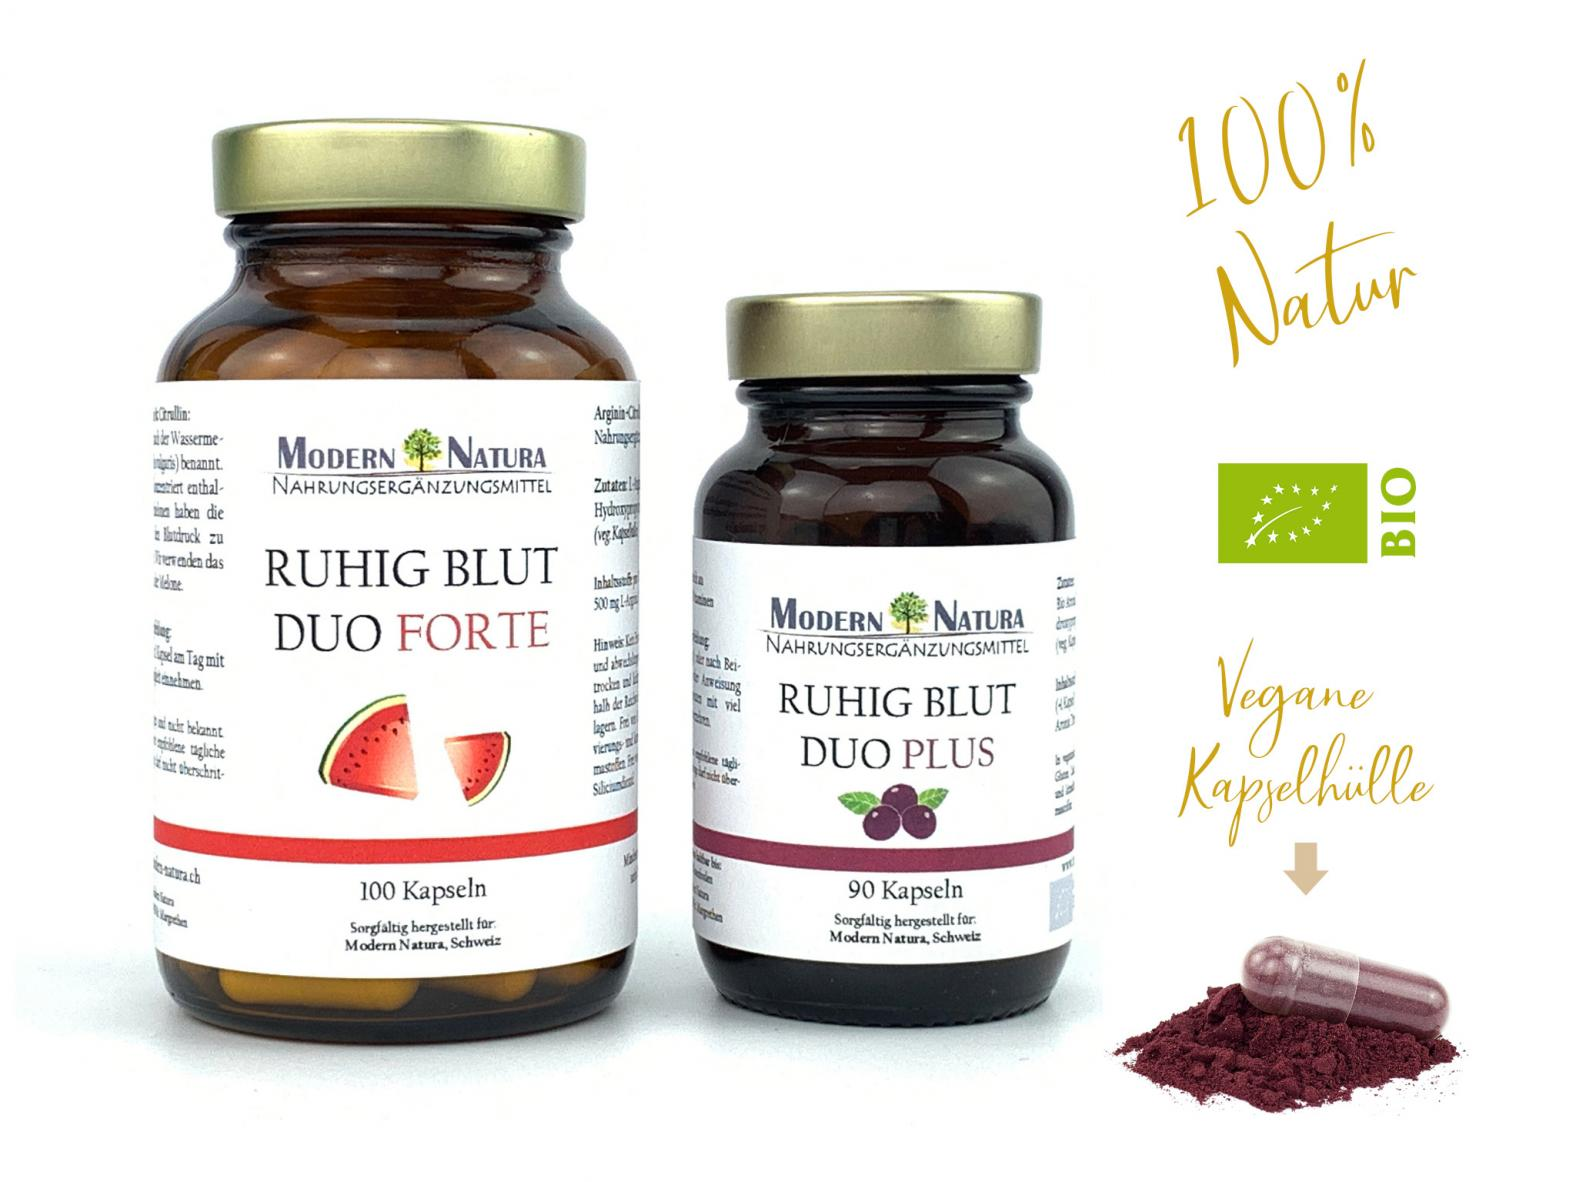 Ruhig Blut - Duo Set - Natürlich, Vegan & Glutenfrei - Reich an wertvollen Vitaminen & Aminosäuren